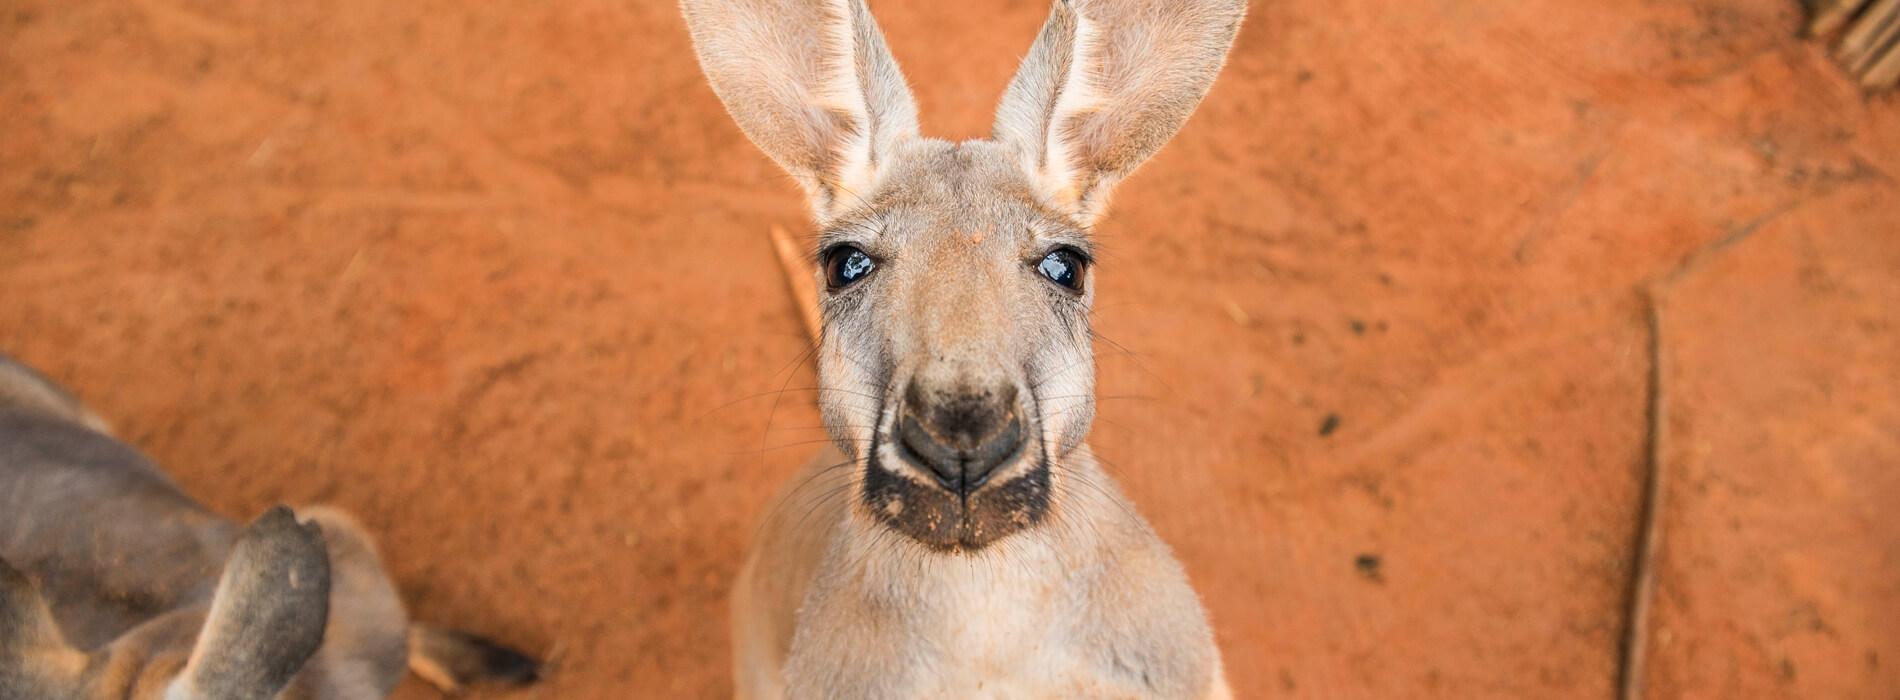 Kangaroos at Busch Gardens Tampa Bay